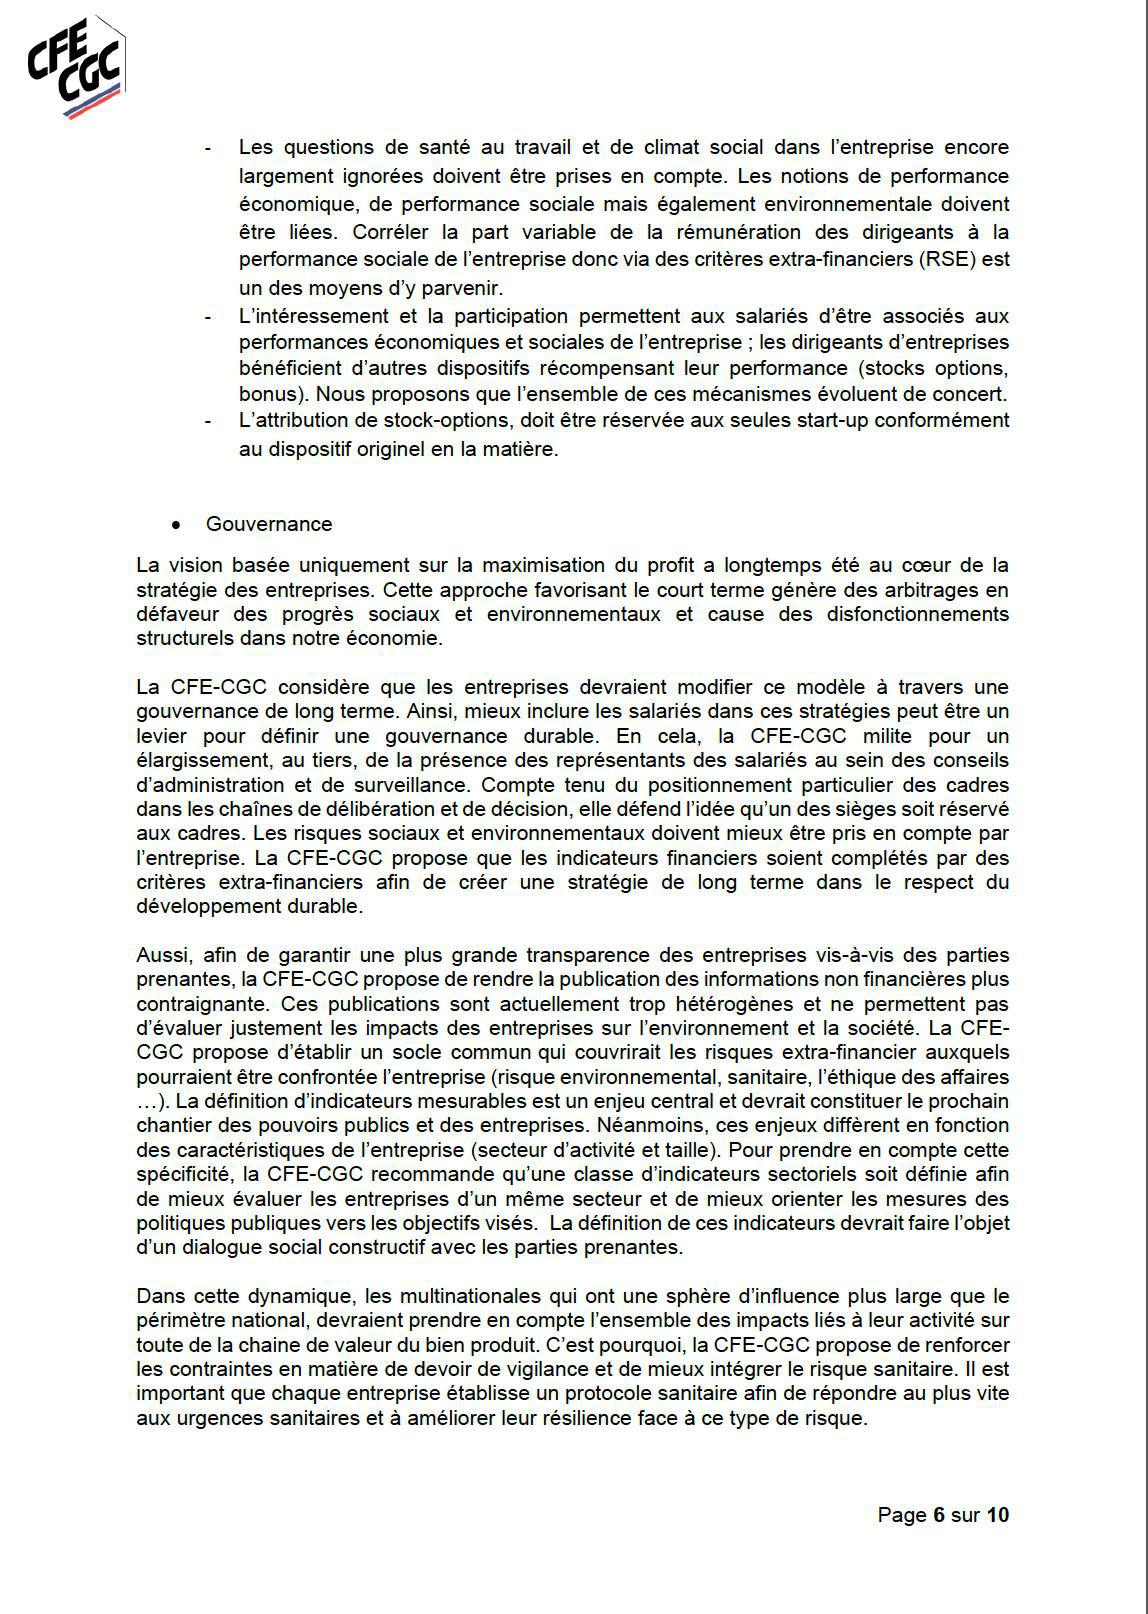 Propositions de la CFE-CGC concernant le plan de relance